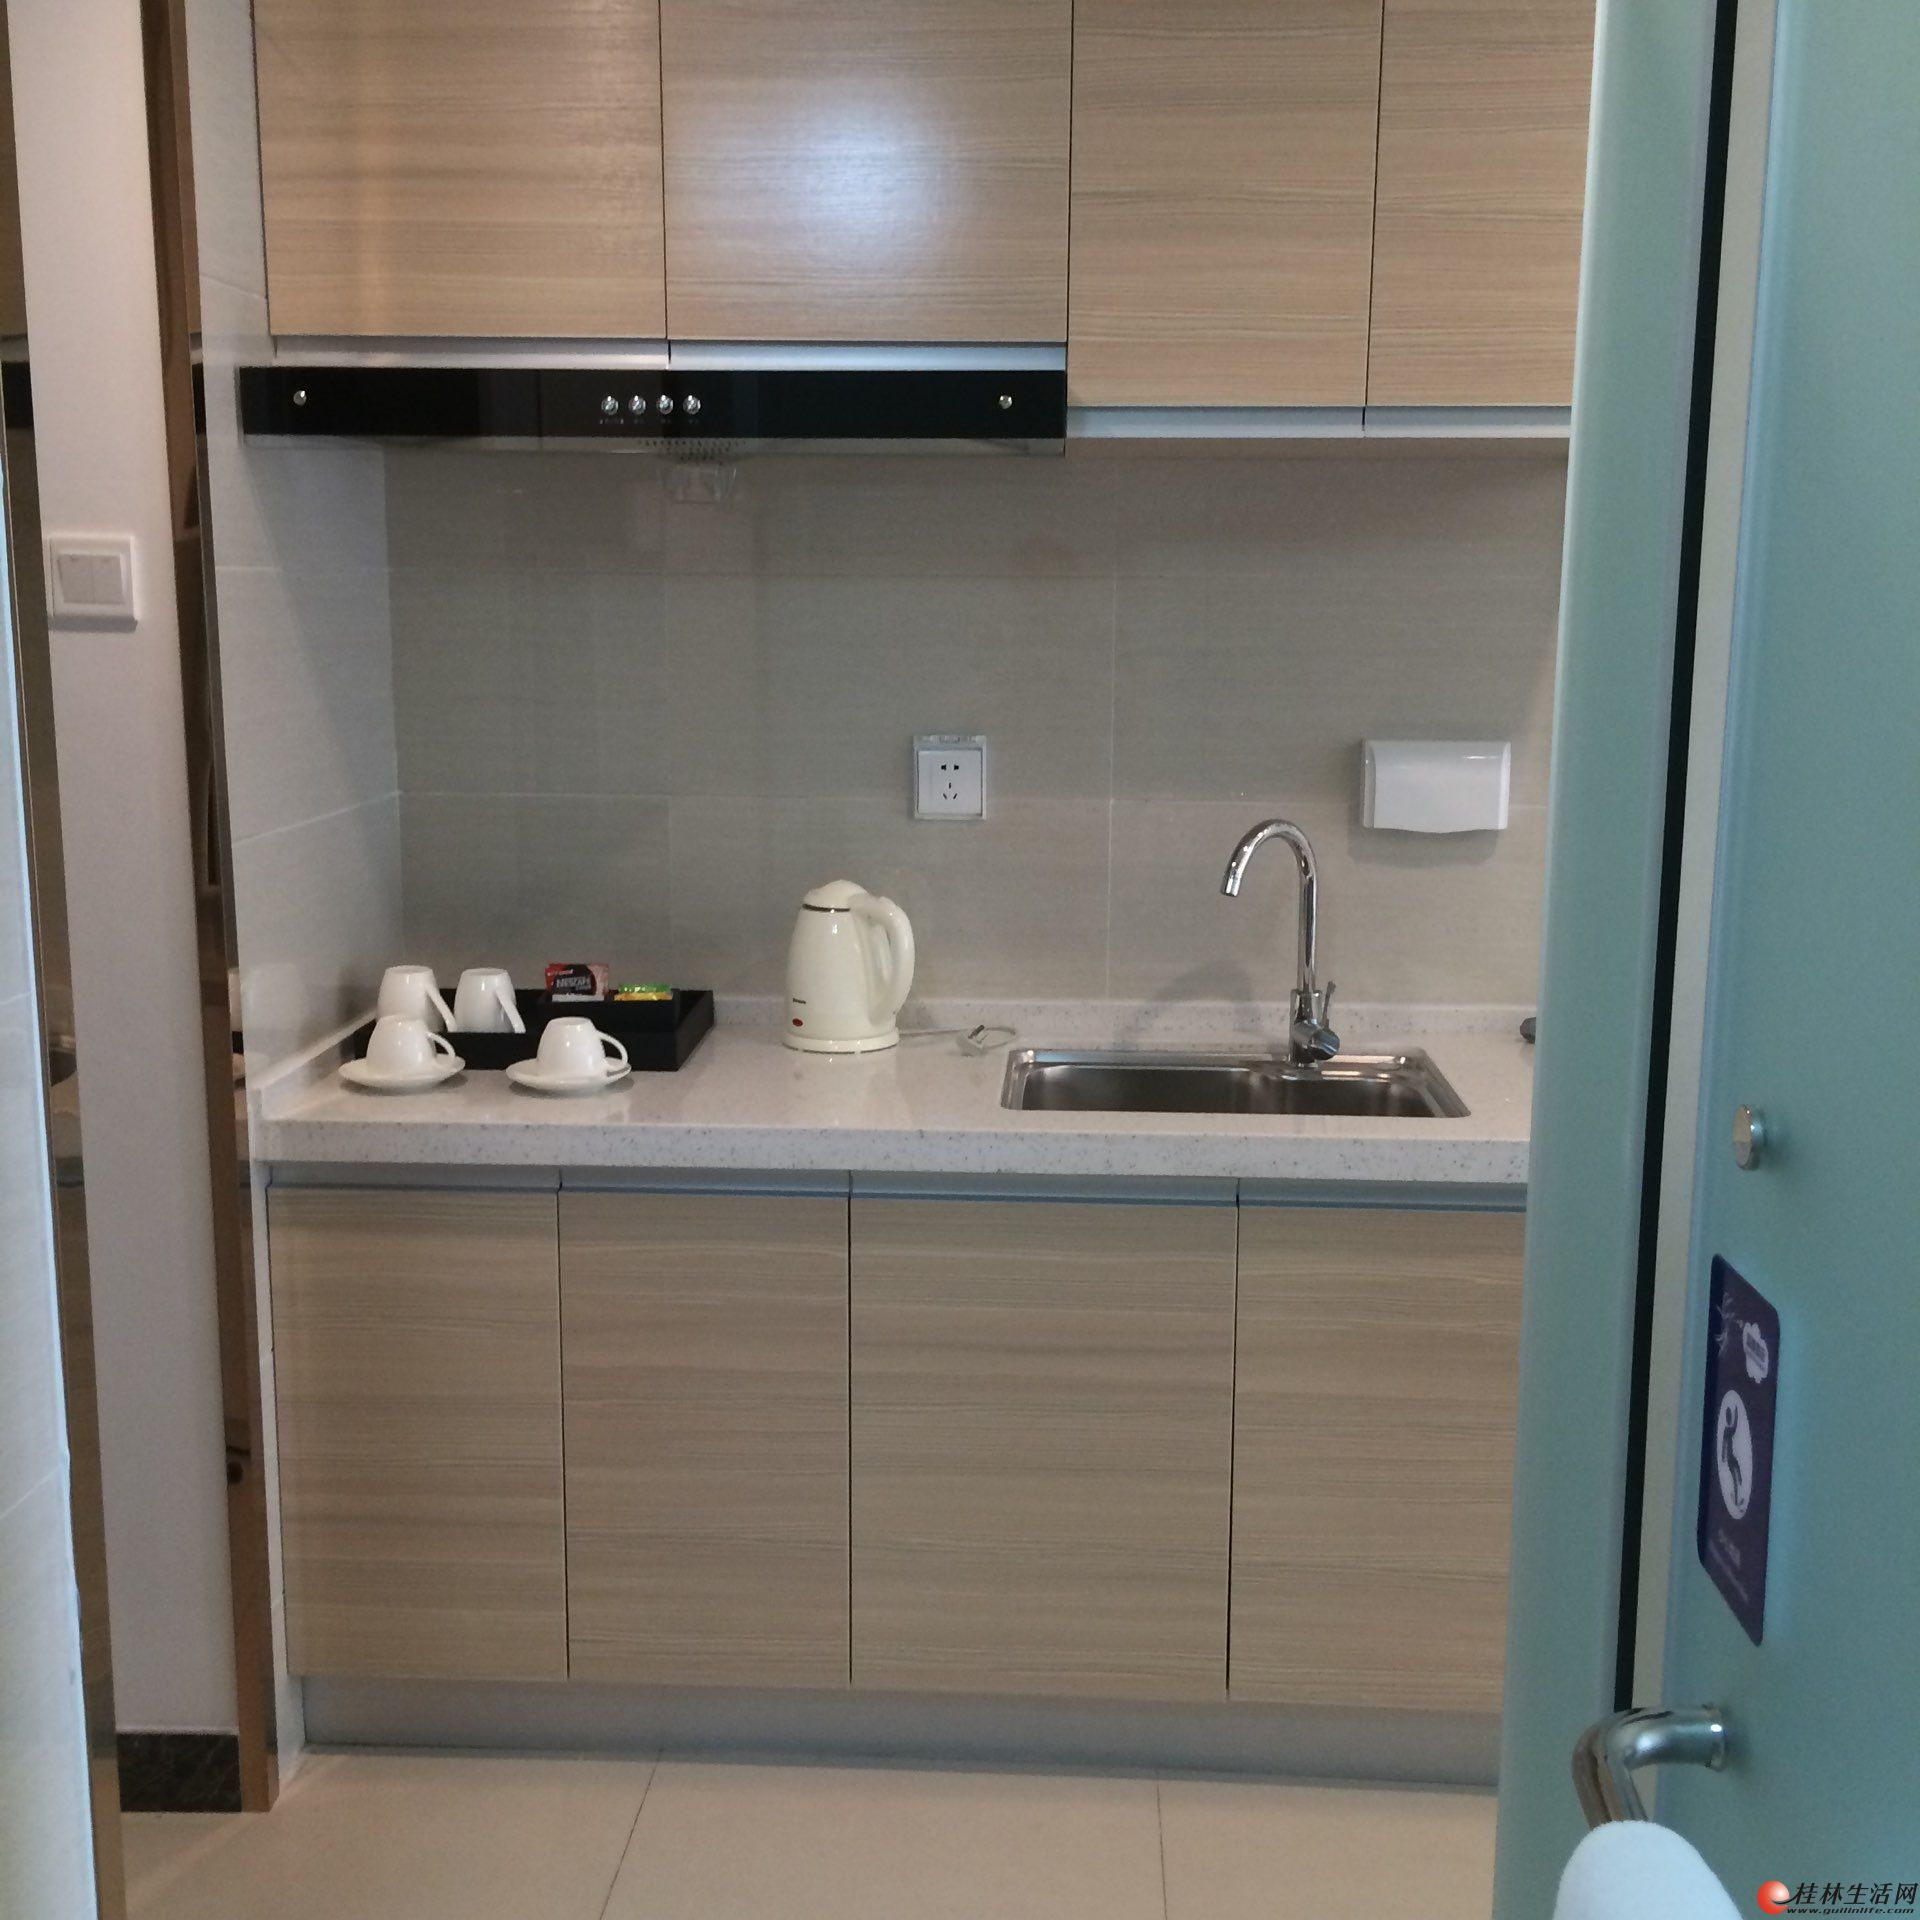 桂林万达公寓七楼有一套50.19平米的全新单间配套房出租,家具家电俱全,租售48万元